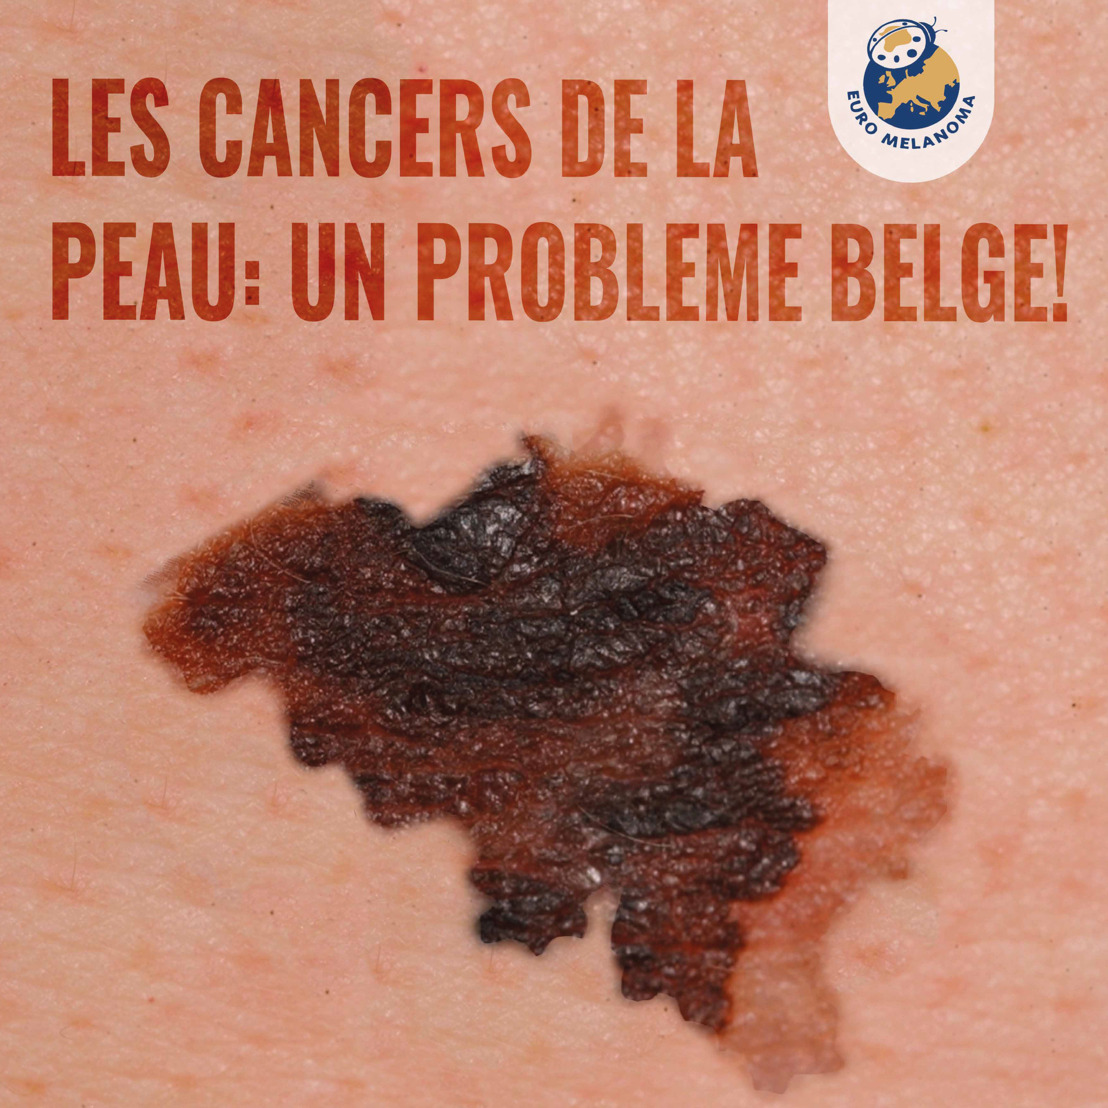 Les tumeurs malignes de la peau augmentent chaque année de 5 à 9 %